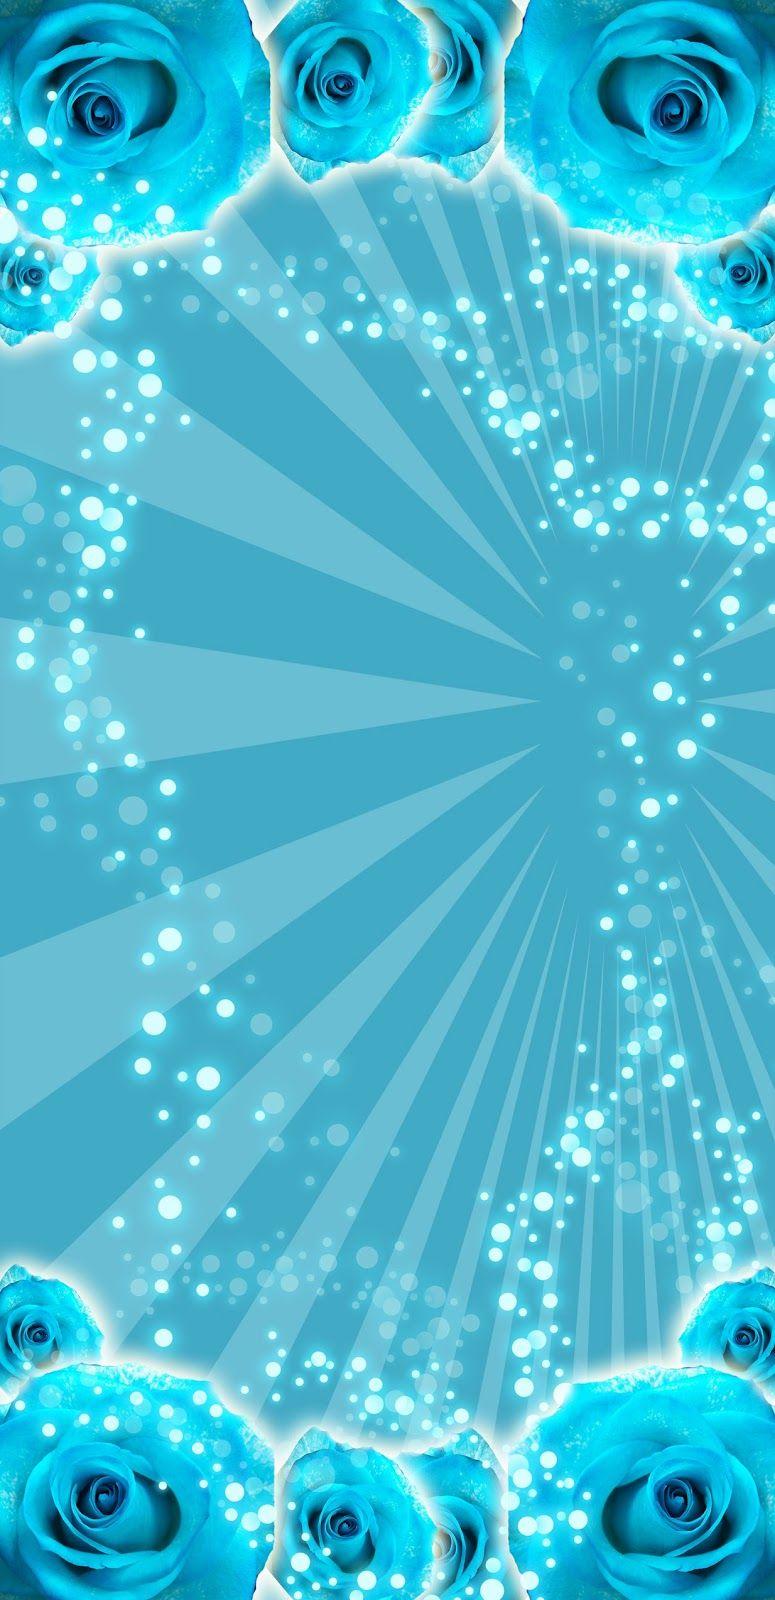 Fondo azul para invitaciones de xv años - Imagui | fondos | Pinterest